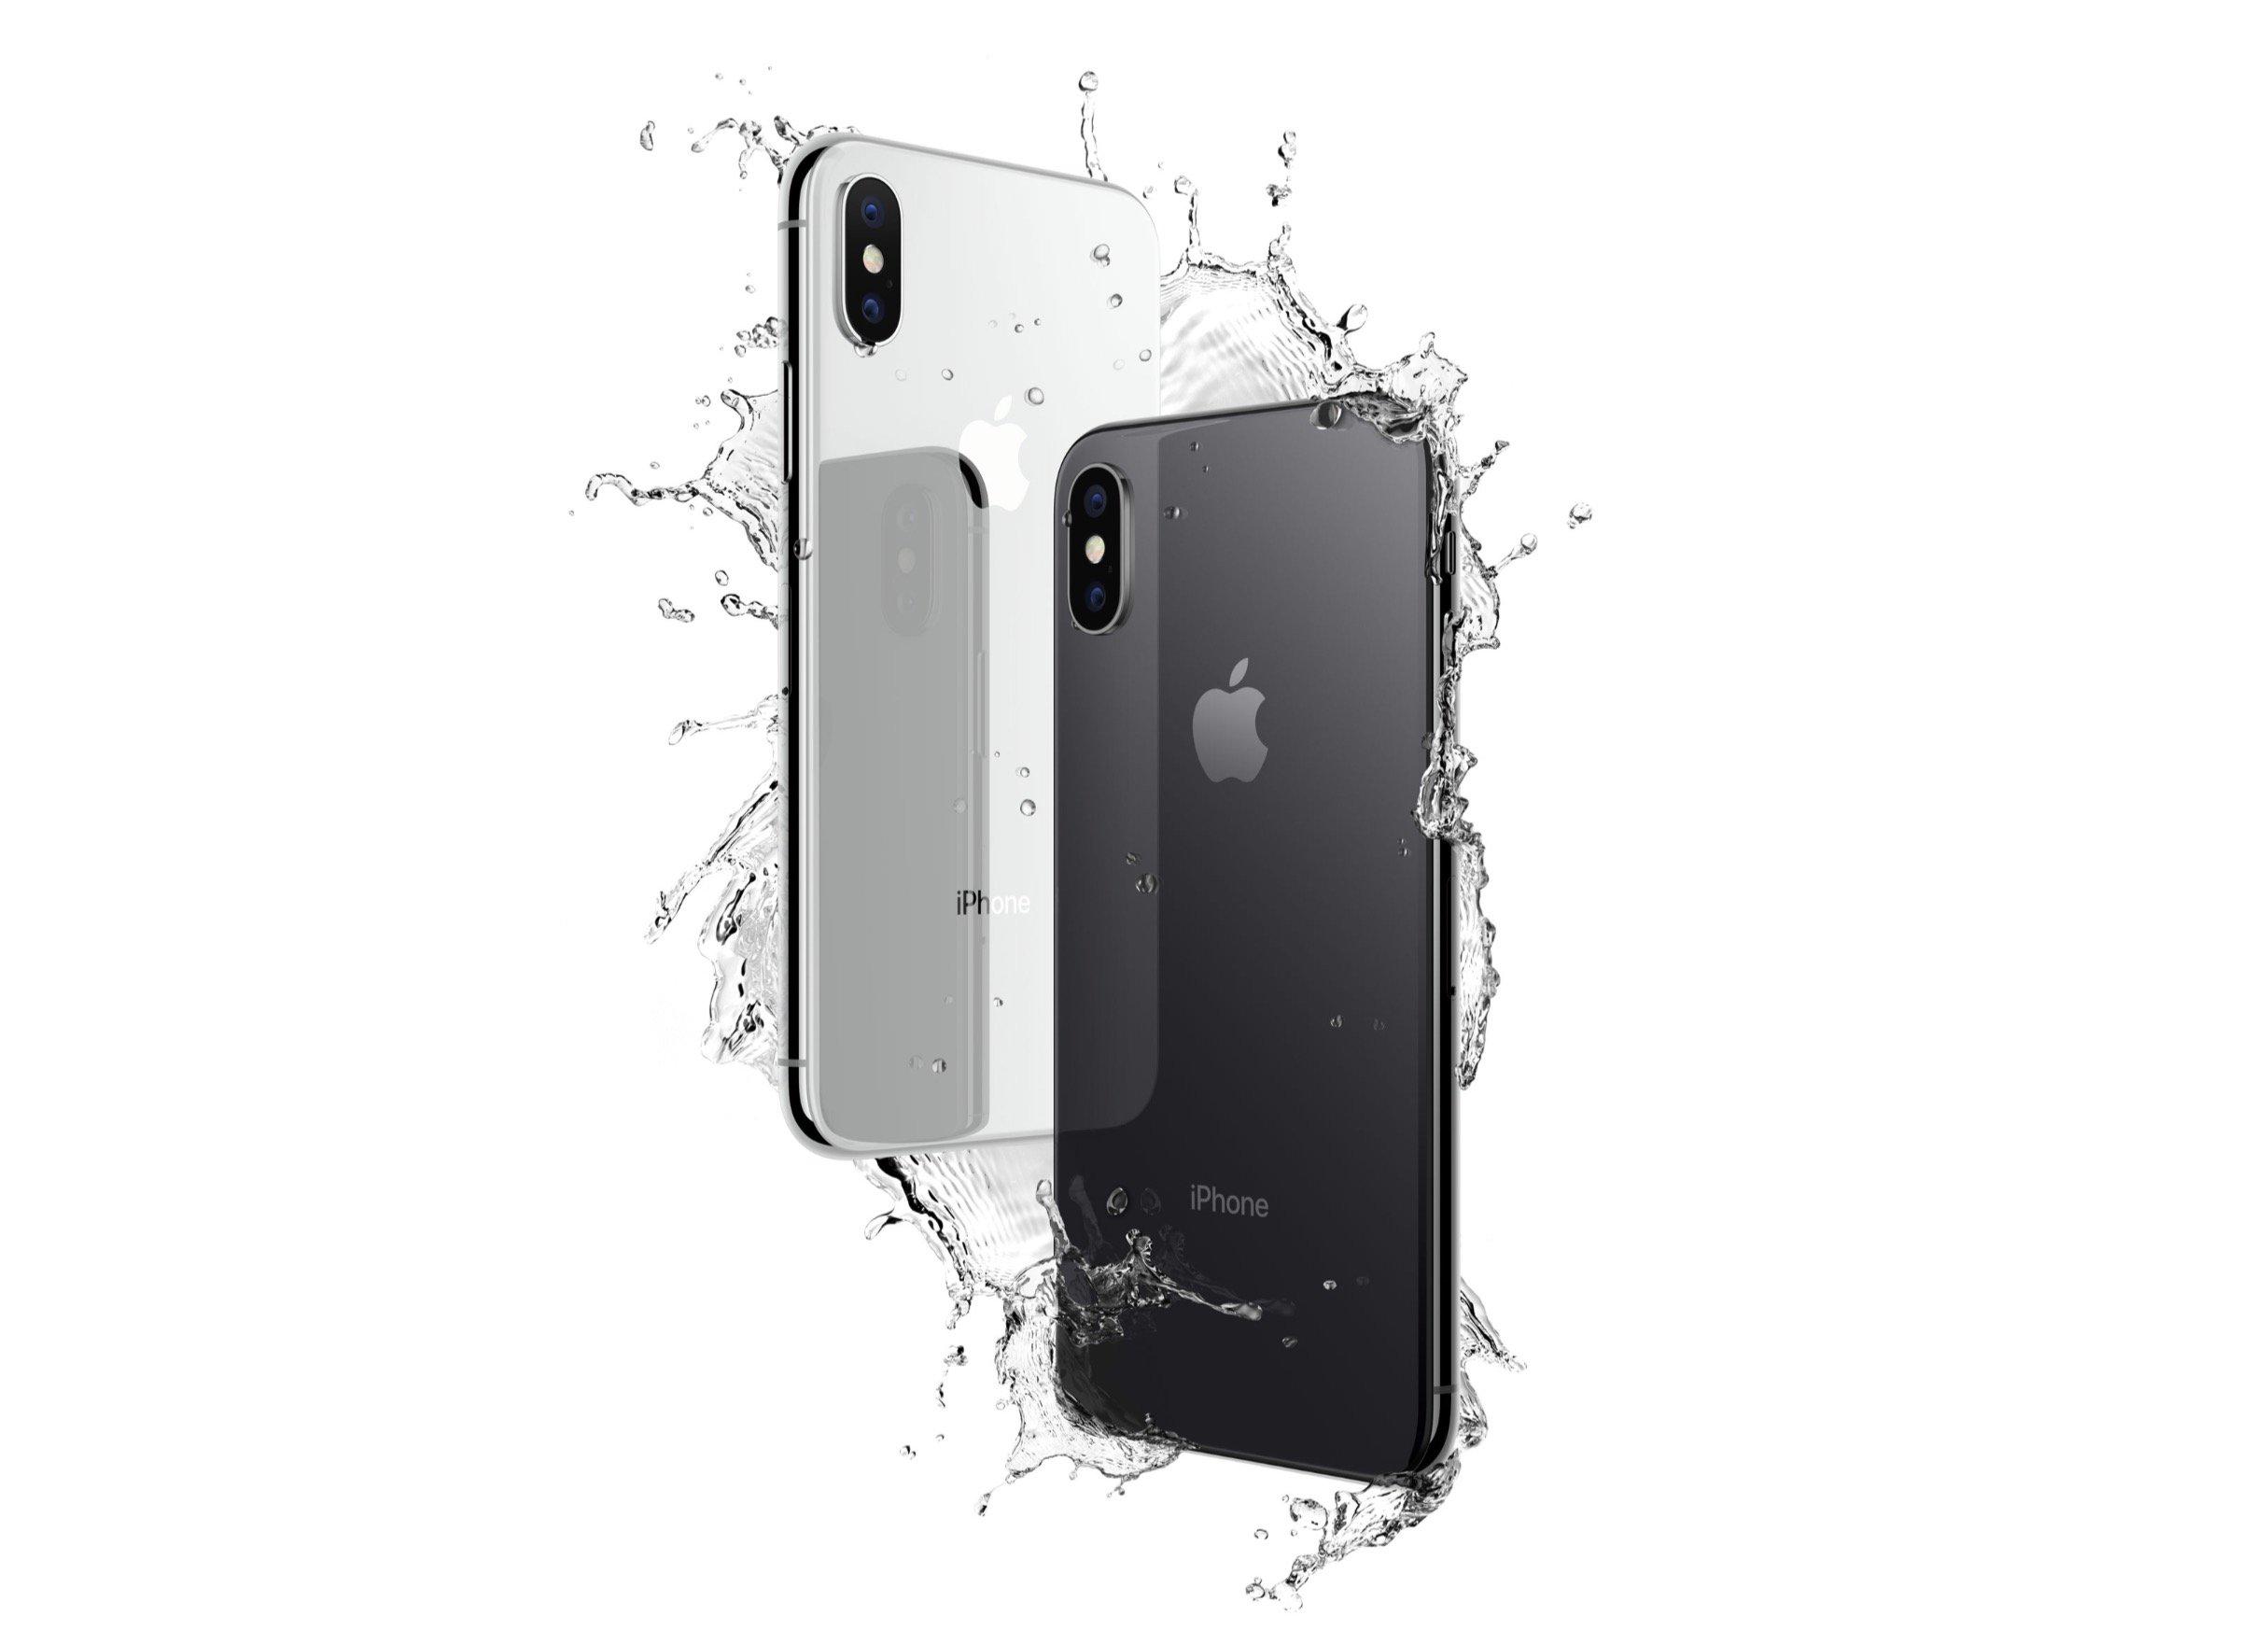 iPhone X vẫn được trang bị khả năng chống nước bụi như những máy iPhone khác củ Apple. - Apple iPhone 8 và iPhone 8 Plus tất cả những điều bạn muốn biết ở đây